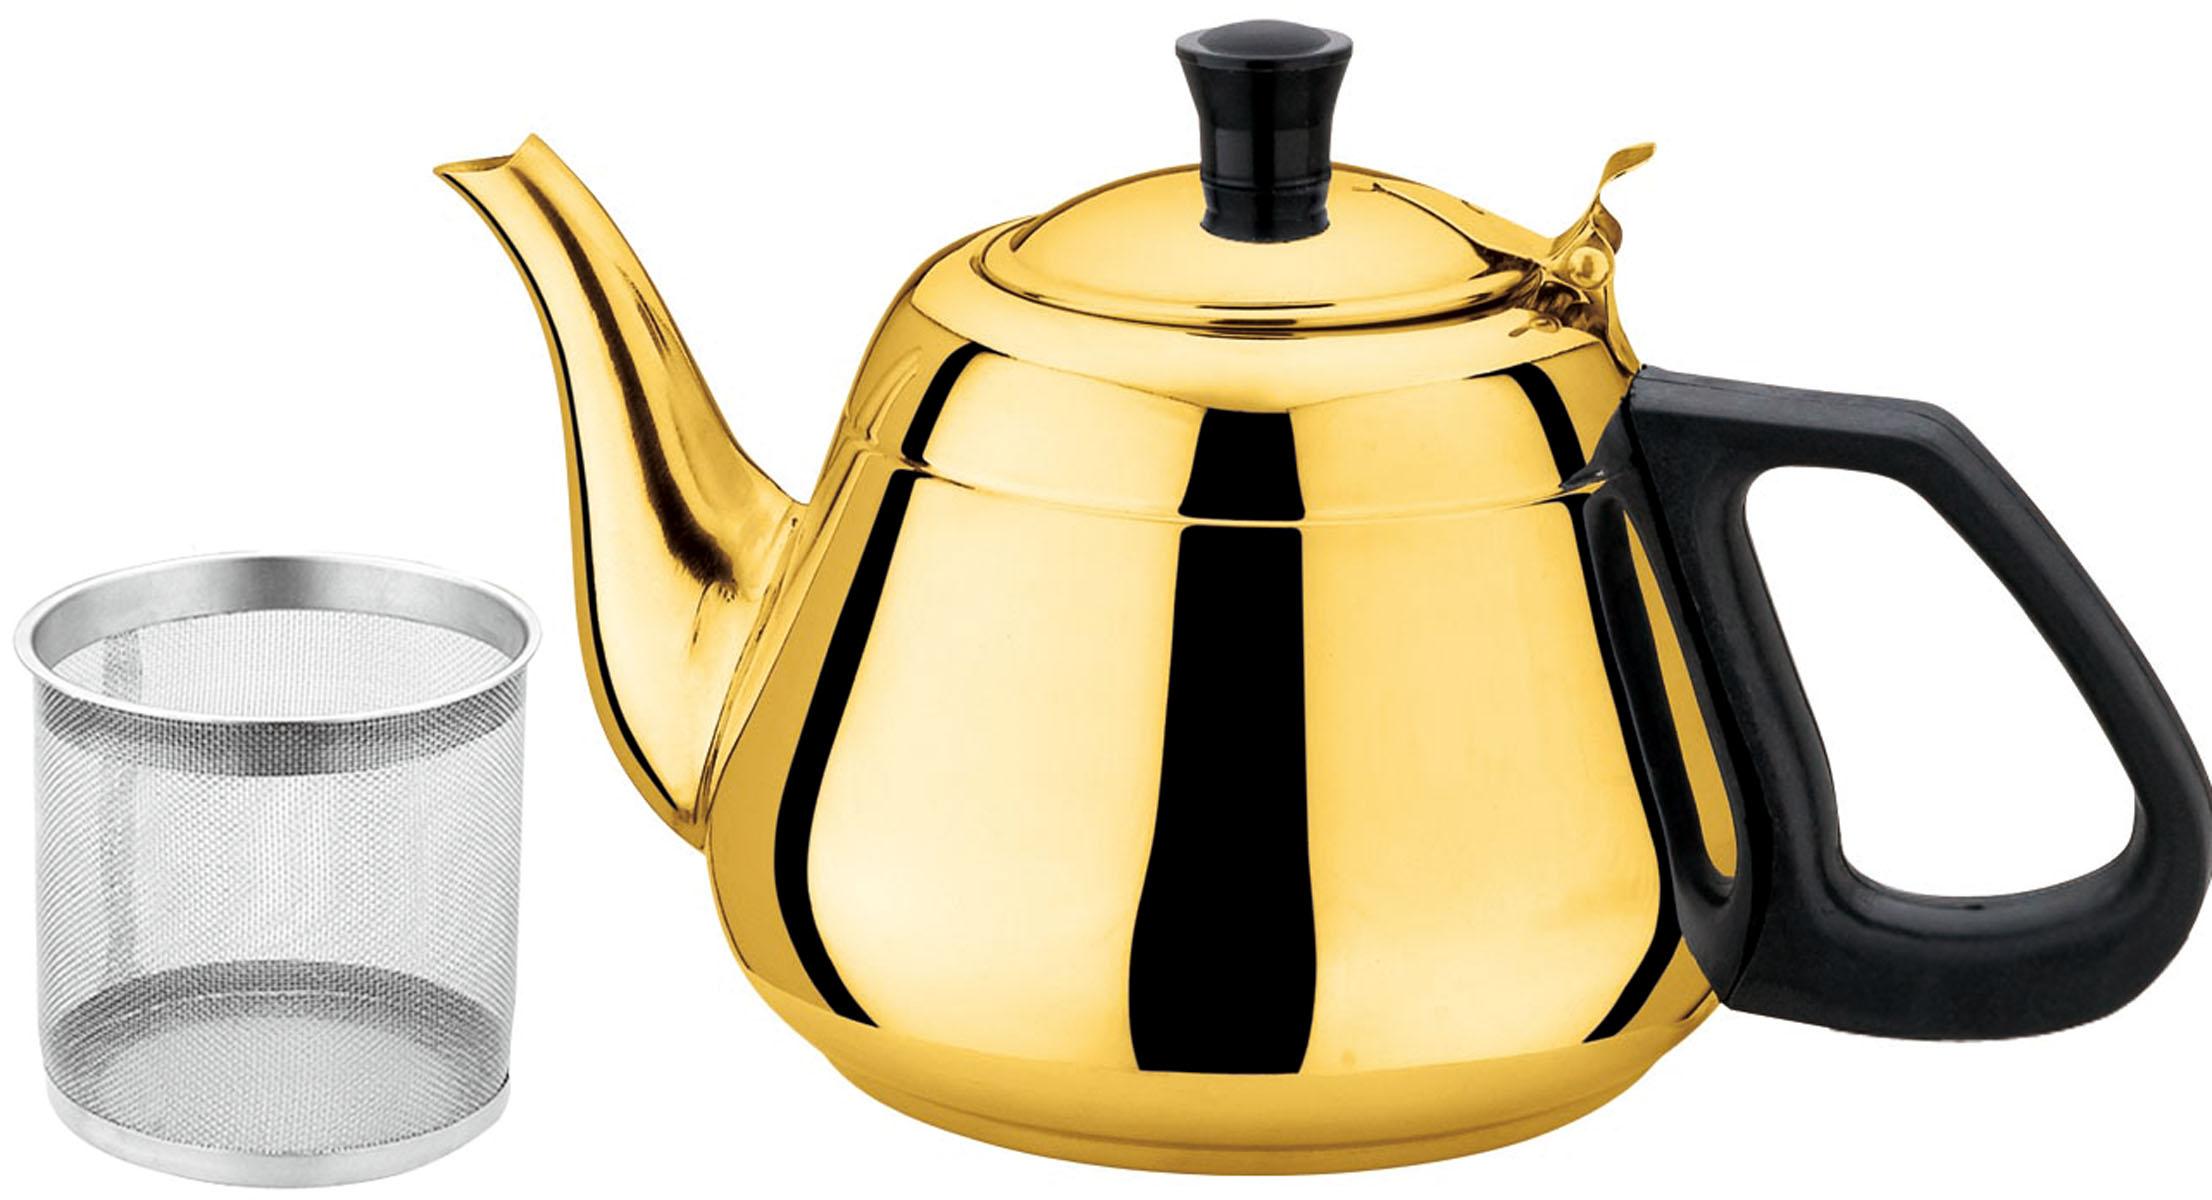 Чайник заварочный Bekker Koch, с ситечком, цвет: золотистый, 1,3 л. BK-S503FS-91909Чайник Bekker Koch выполнен из высококачественной нержавеющей стали, что обеспечивает долговечность использования. Внешнее зеркальное покрытие придает приятный внешний вид. Бакелитовая ручкаделает использование чайника очень удобным и безопасным. Чайник снабжен ситечком для заваривания. Можно мыть в посудомоечной машине. Пригоден для всех видов плит, включая индукционные. Диаметр (по верхнему краю): 6,5 см.Высота чайника (без учета крышки и ручки): 10 см.Диаметр основания: 11 см. Толщина стенки: 0,4 мм.Толщина дна: 1 мм.Высота ситечка: 7,3 см.